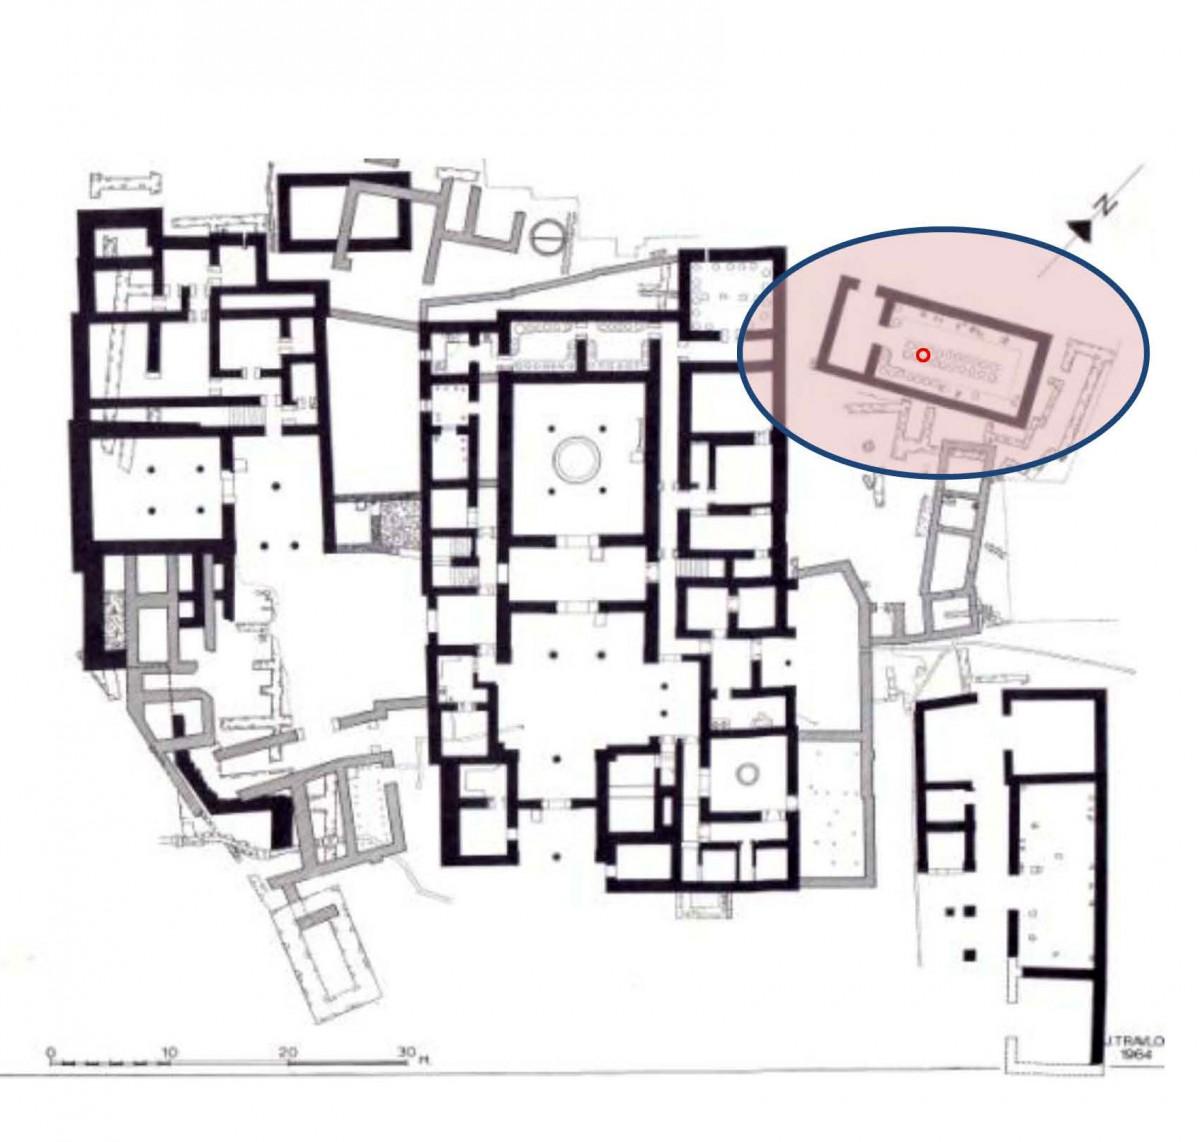 Εικ. 1. Το ανάκτορο του Νηλέως αριστερά, το ανάκτορο του Νέστορος στο μέσον, με τις αποθήκες του λαδιού πίσω από την αίθουσα του θρόνου και, επάνω δεξιά, την αποθήκη του οίνου με σημειωμένη τη θέση του υποστυλώματος του νέου στεγάστρου. (Carl W. Blegen, The Palace of Nestor at Pylos ΙΙΙ, εικ. 303)